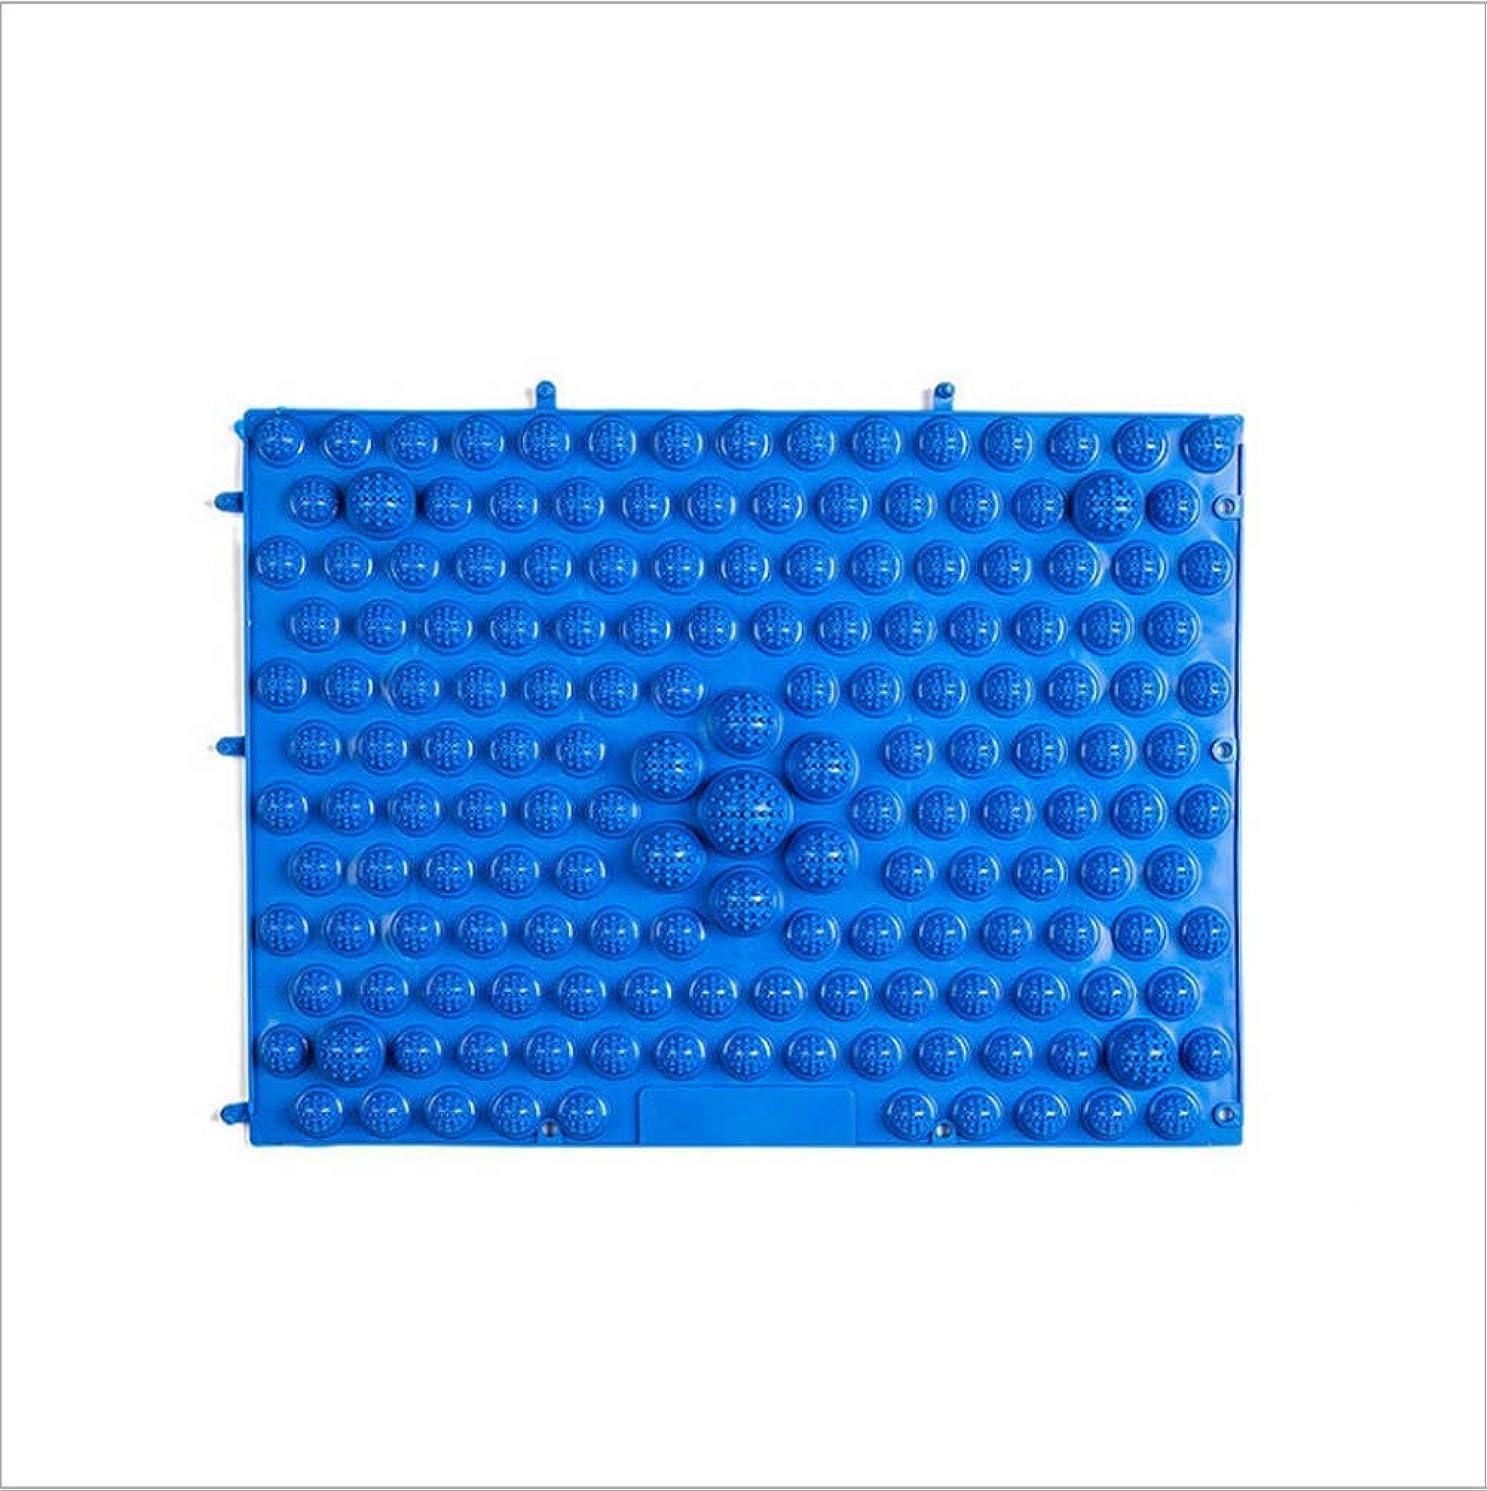 はねかける死の顎マークされたウォークマット 裏板セット(ABS樹脂製補強板付き)(ブルー)